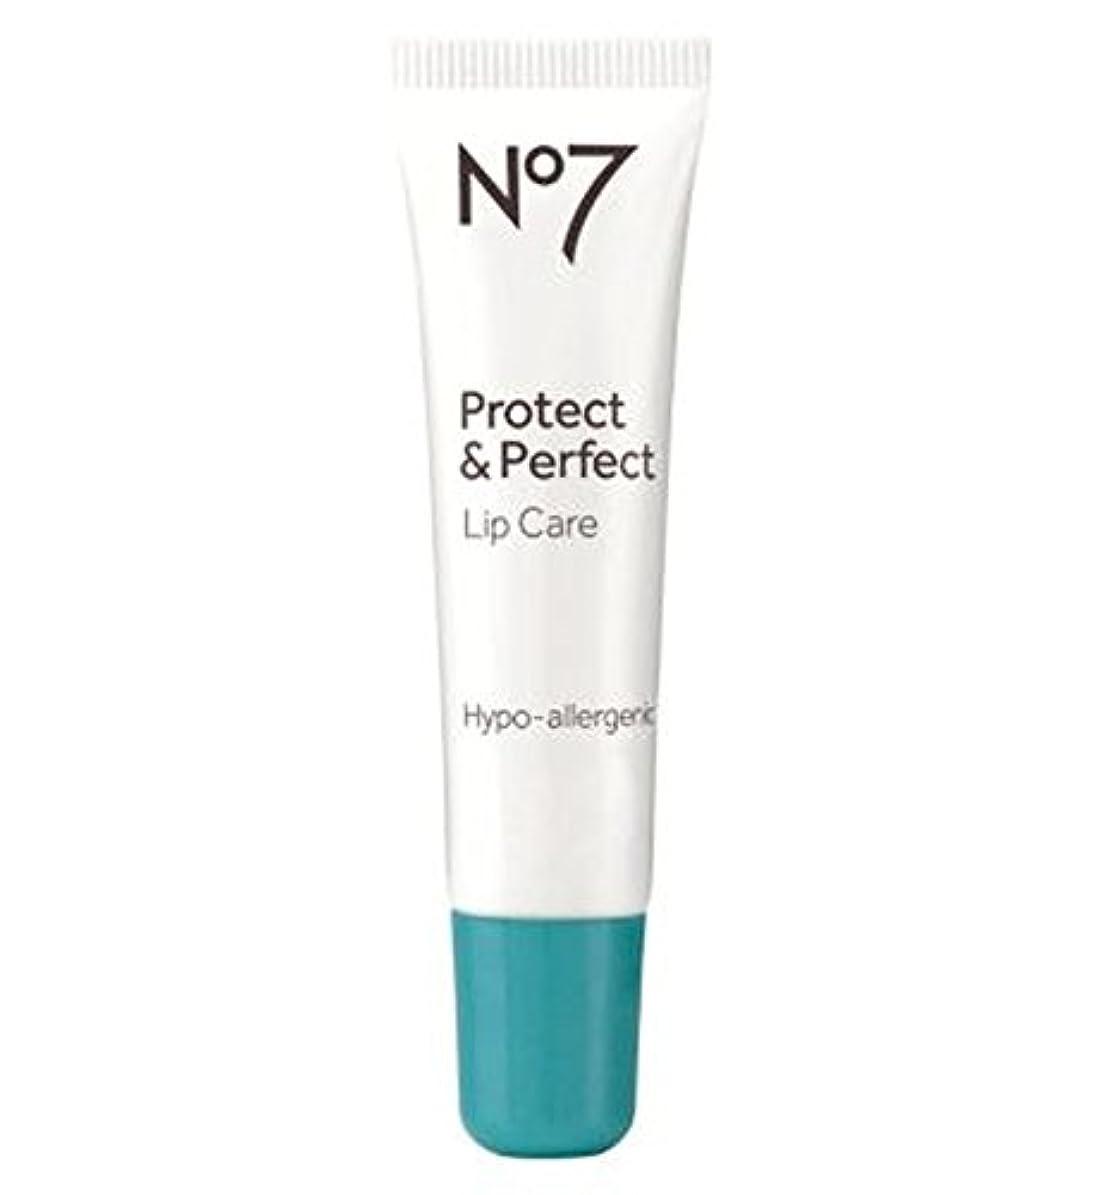 意識的バルーン製造業No7 Protect & Perfect Lip Care 10ml - No7保護&完璧なリップケア10ミリリットル (No7) [並行輸入品]